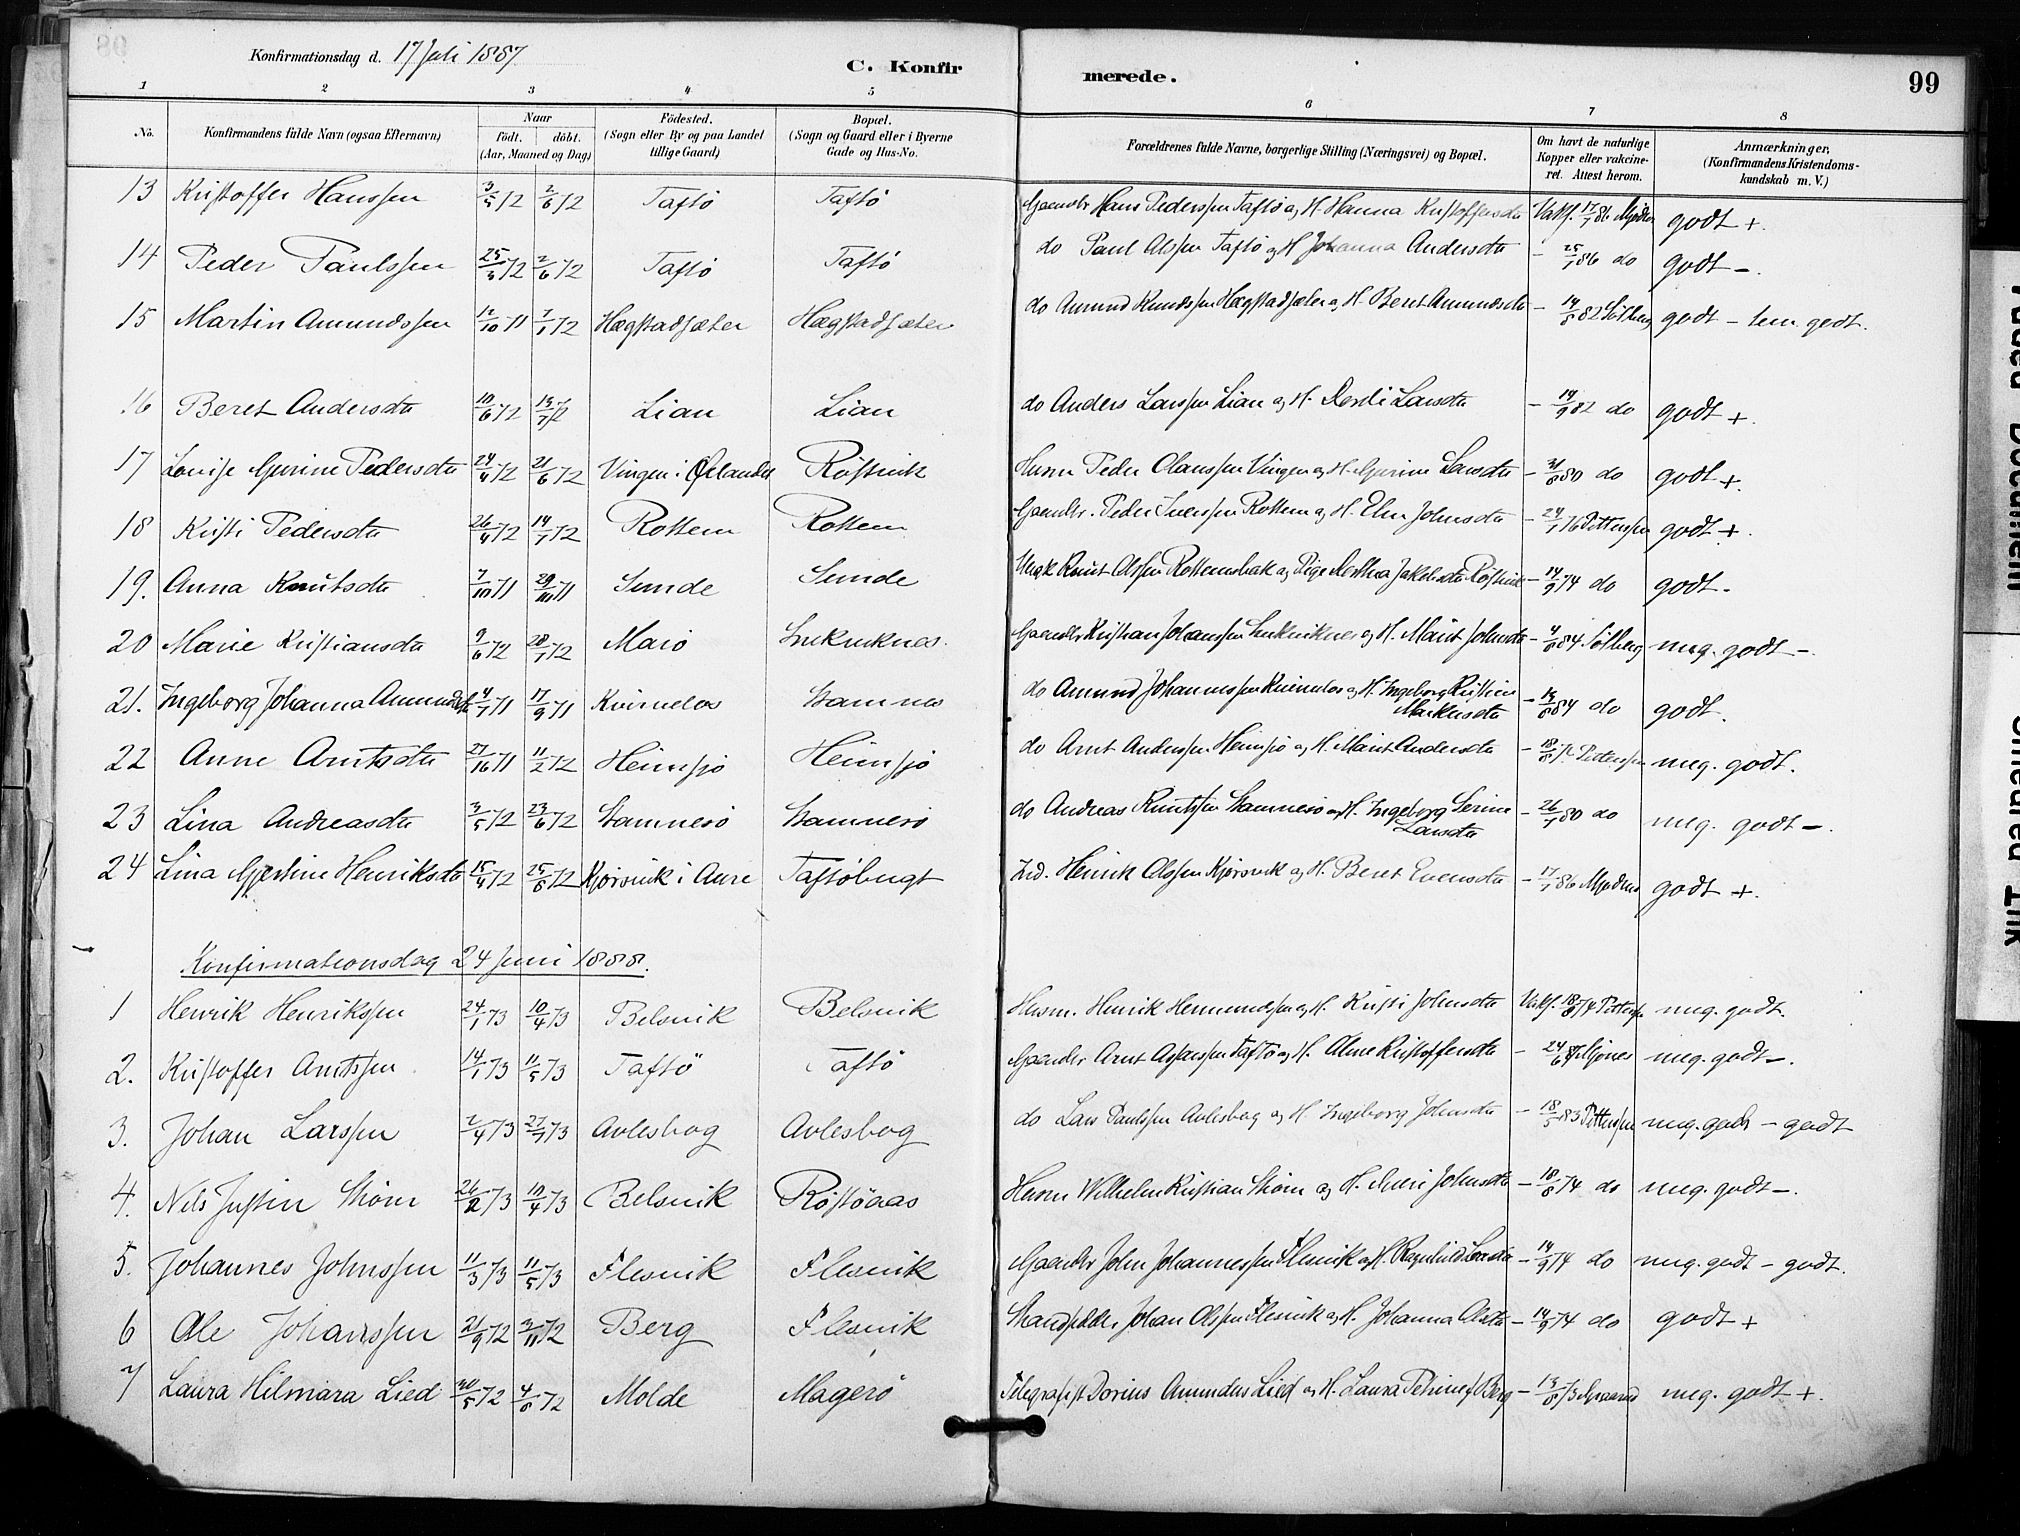 SAT, Ministerialprotokoller, klokkerbøker og fødselsregistre - Sør-Trøndelag, 633/L0518: Ministerialbok nr. 633A01, 1884-1906, s. 99